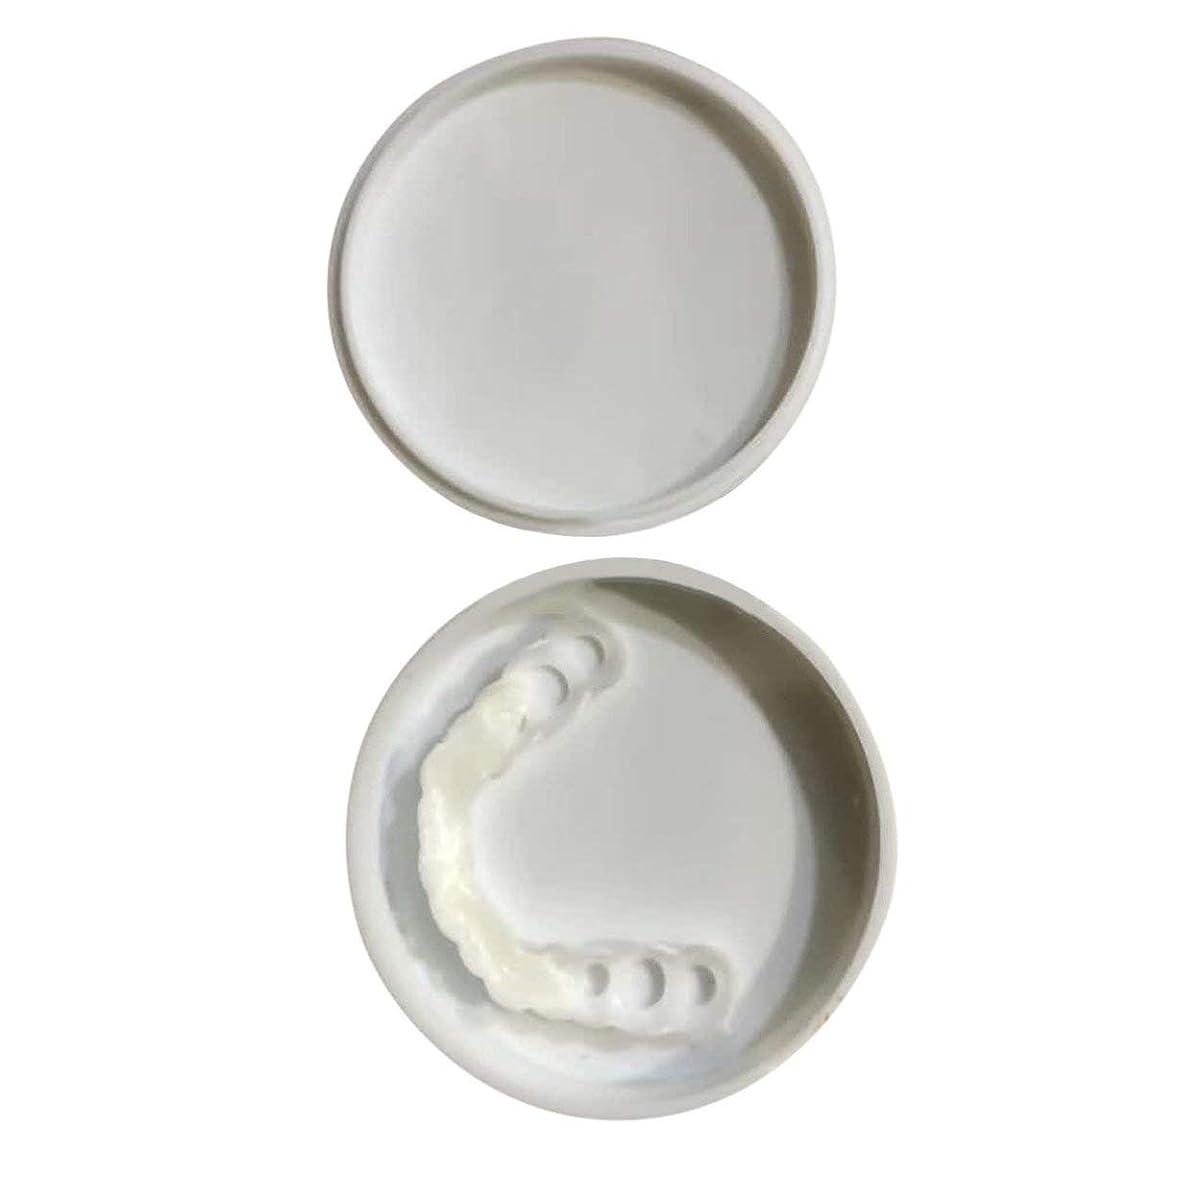 音節オンス溶接快適なスナップオン男性女性歯インスタントパーフェクトスマイルコンフォートフィットフレックス歯フィットホワイトニング笑顔偽歯カバー - ホワイト